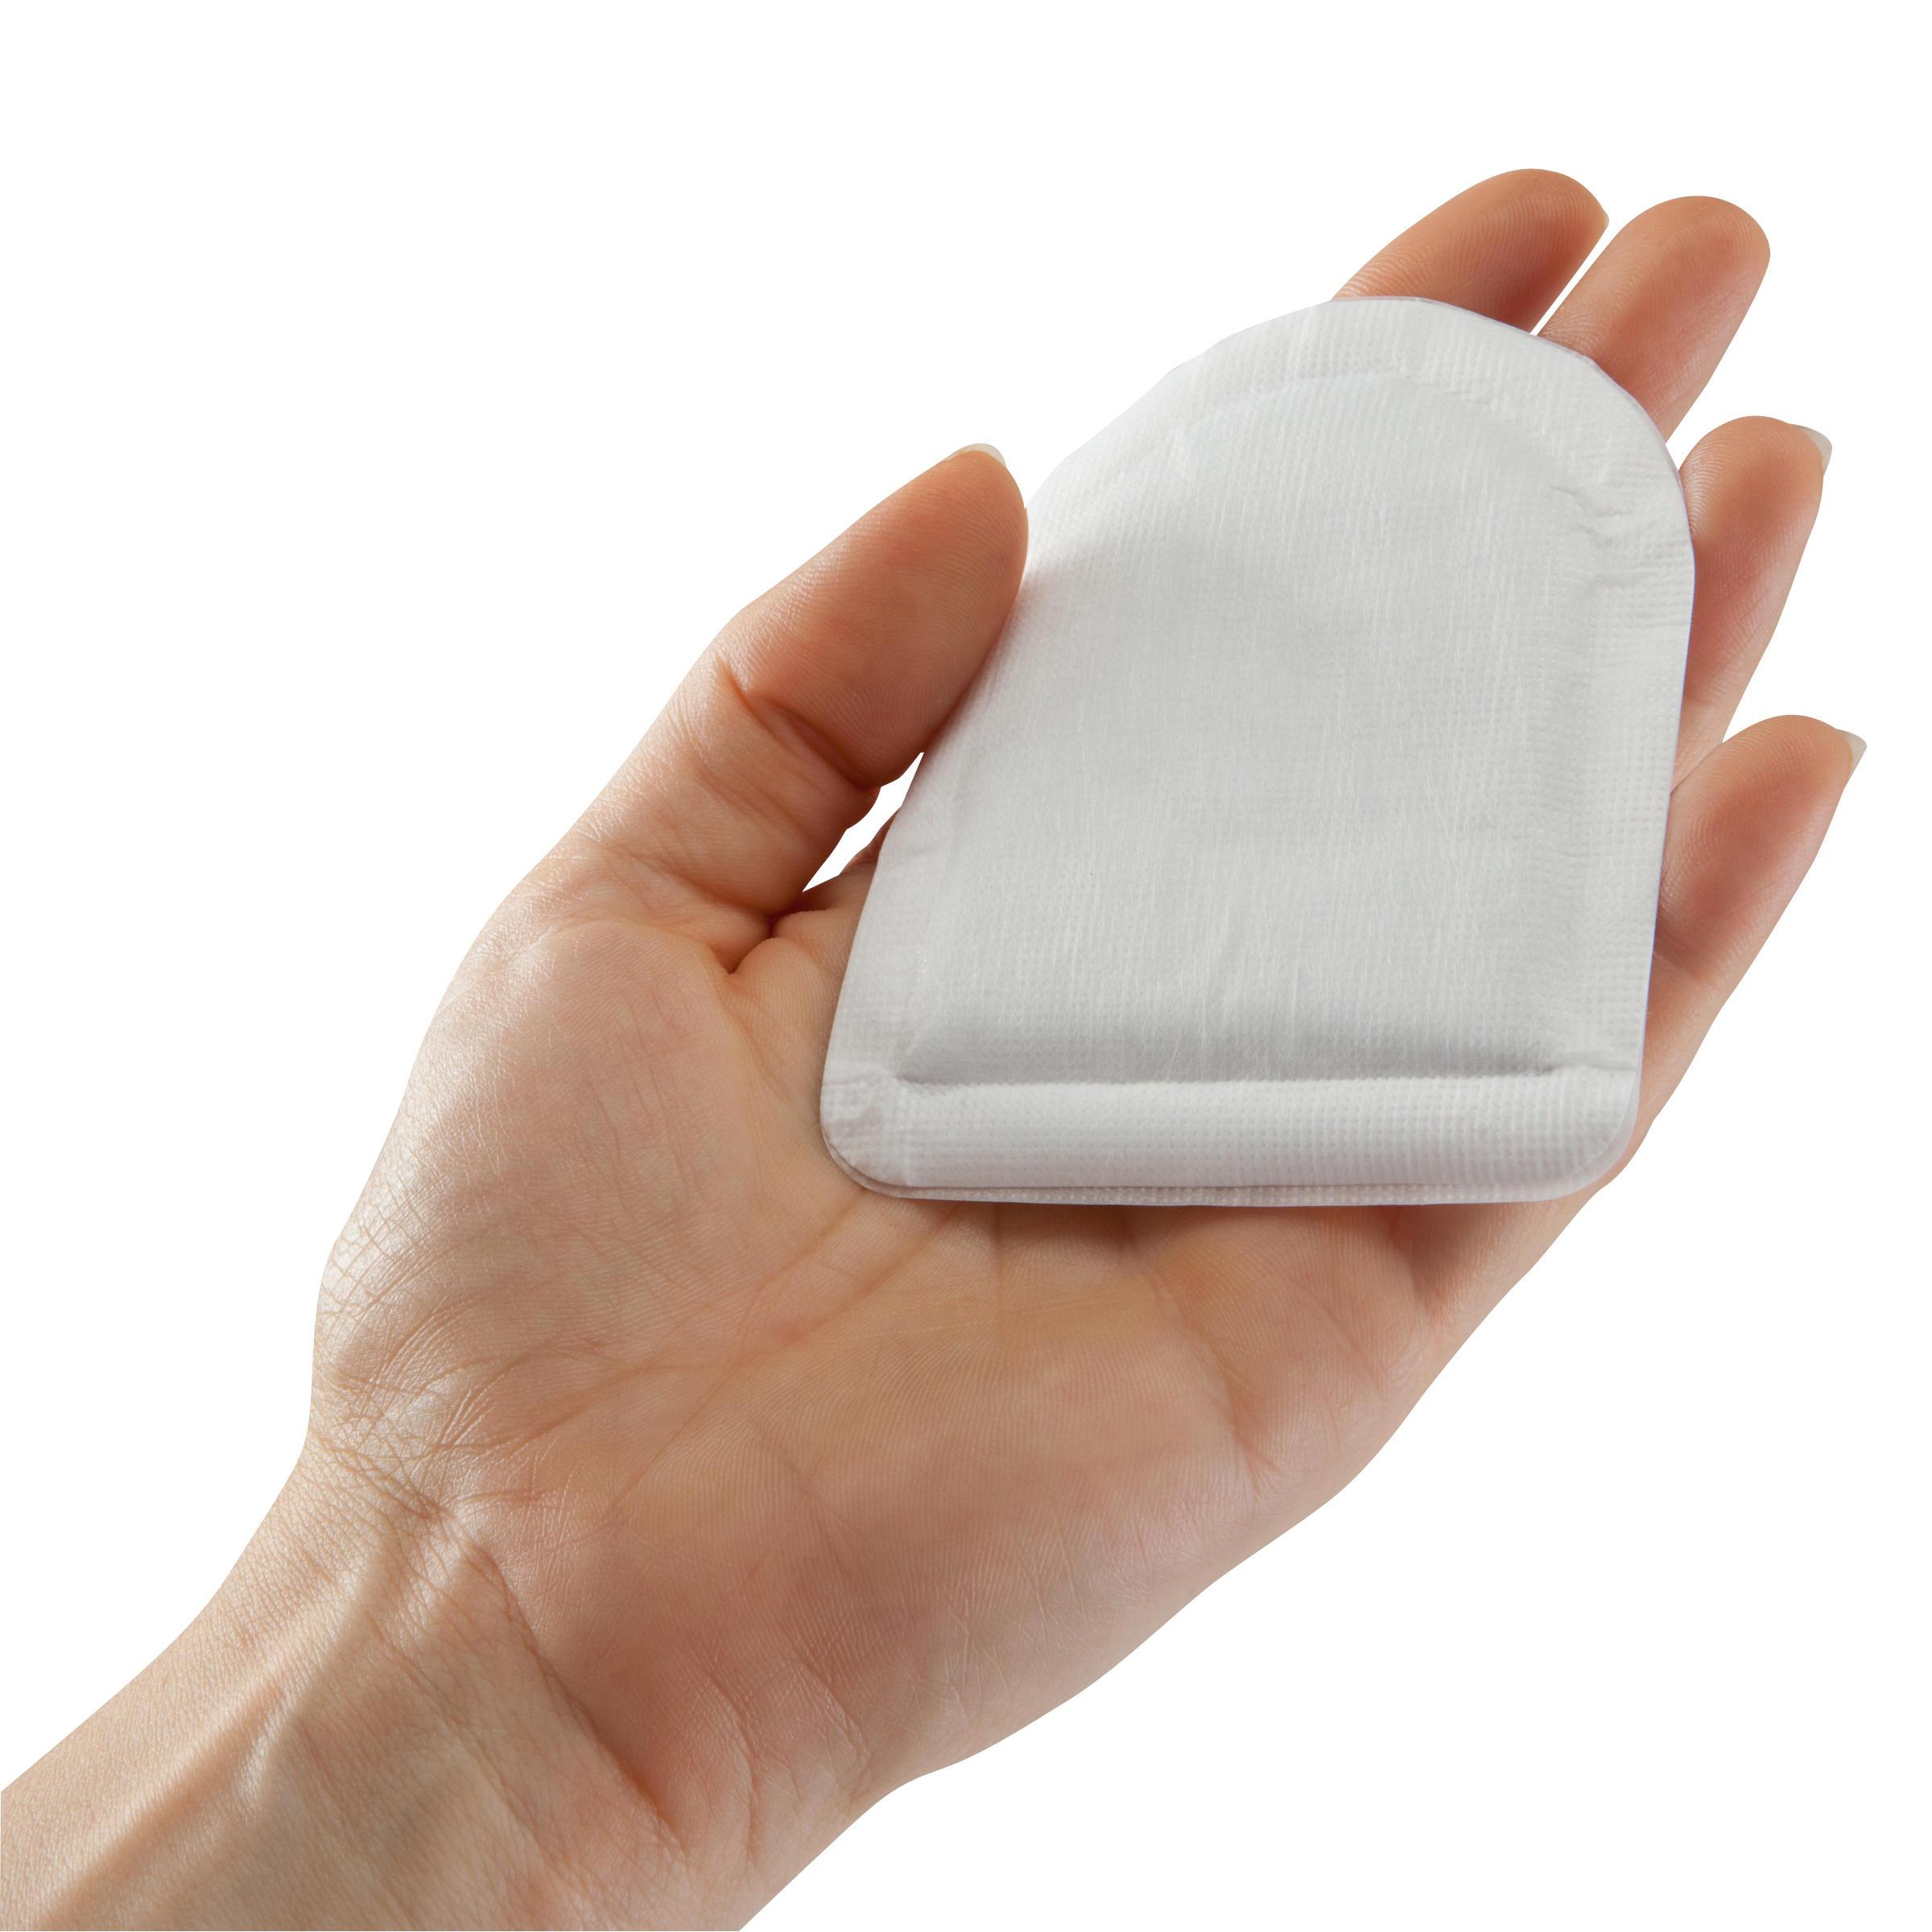 Supchamp Chauffe Pieds 8 Heures de Chaleur /Écologique Portable Inodore Autochauffante Id/éal pour Les Activit/és de Plein Air en Hiver 10 Paires Chauffe-Orteils Adh/ésives